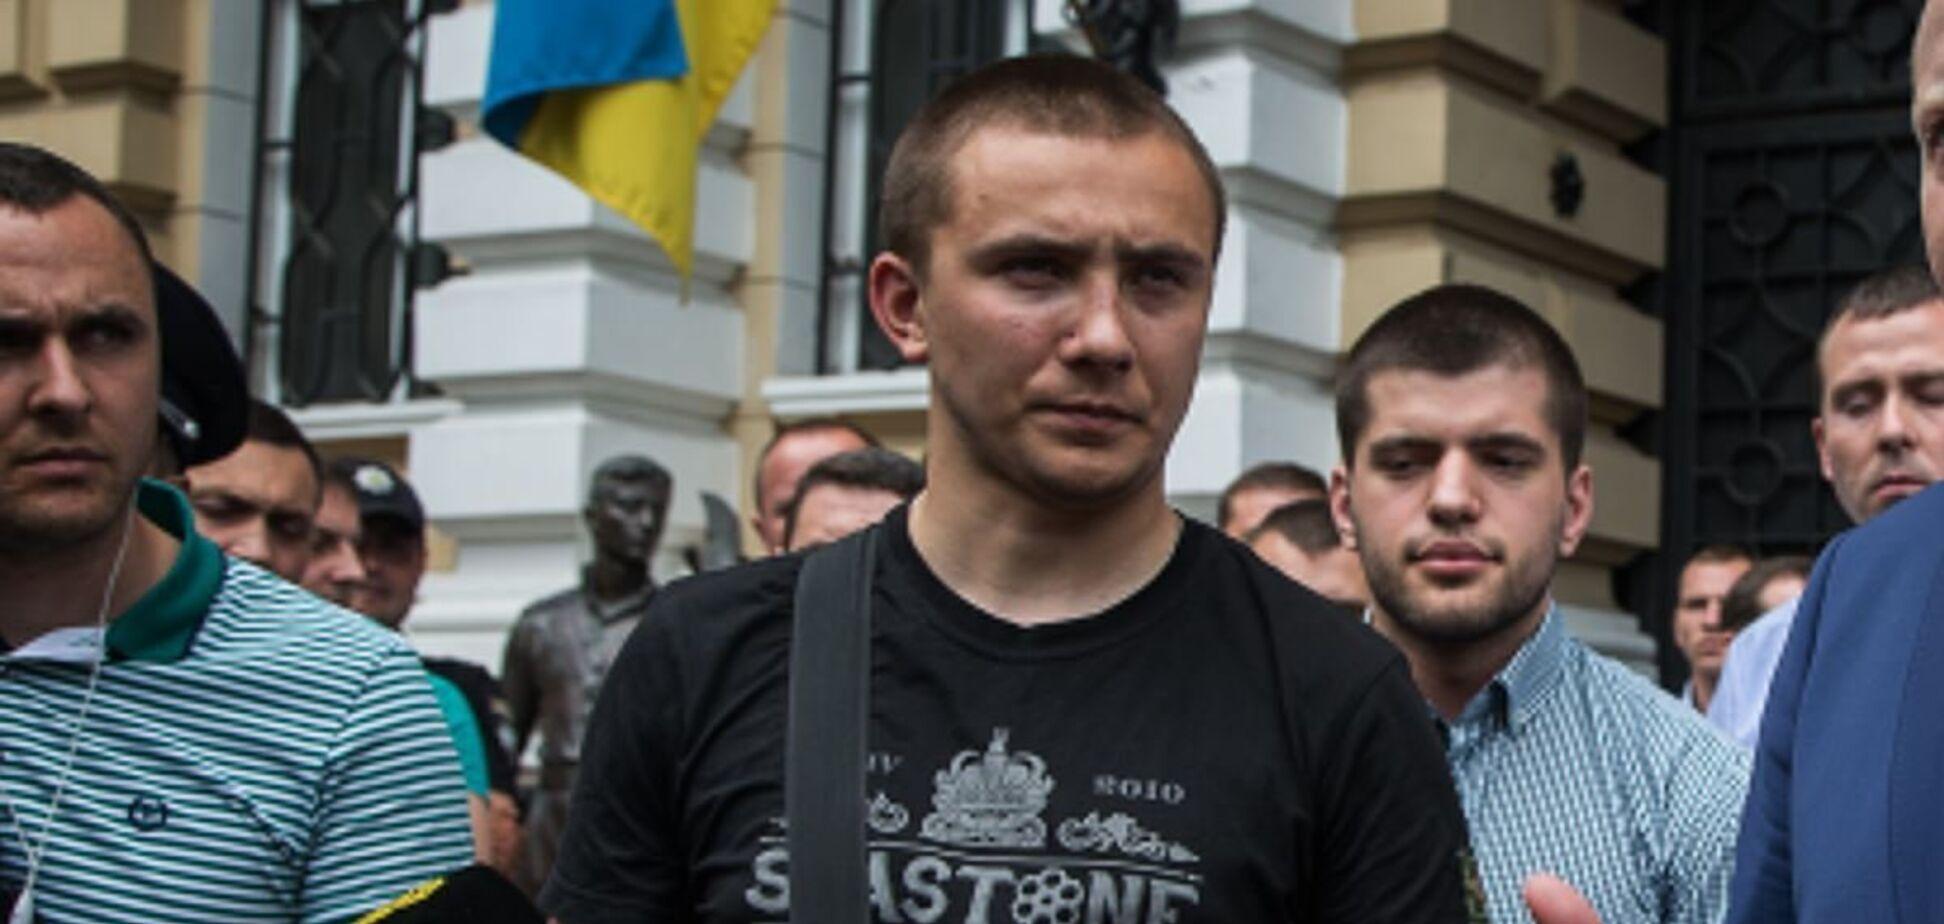 Сергею Стерненко избрали меру пресечения